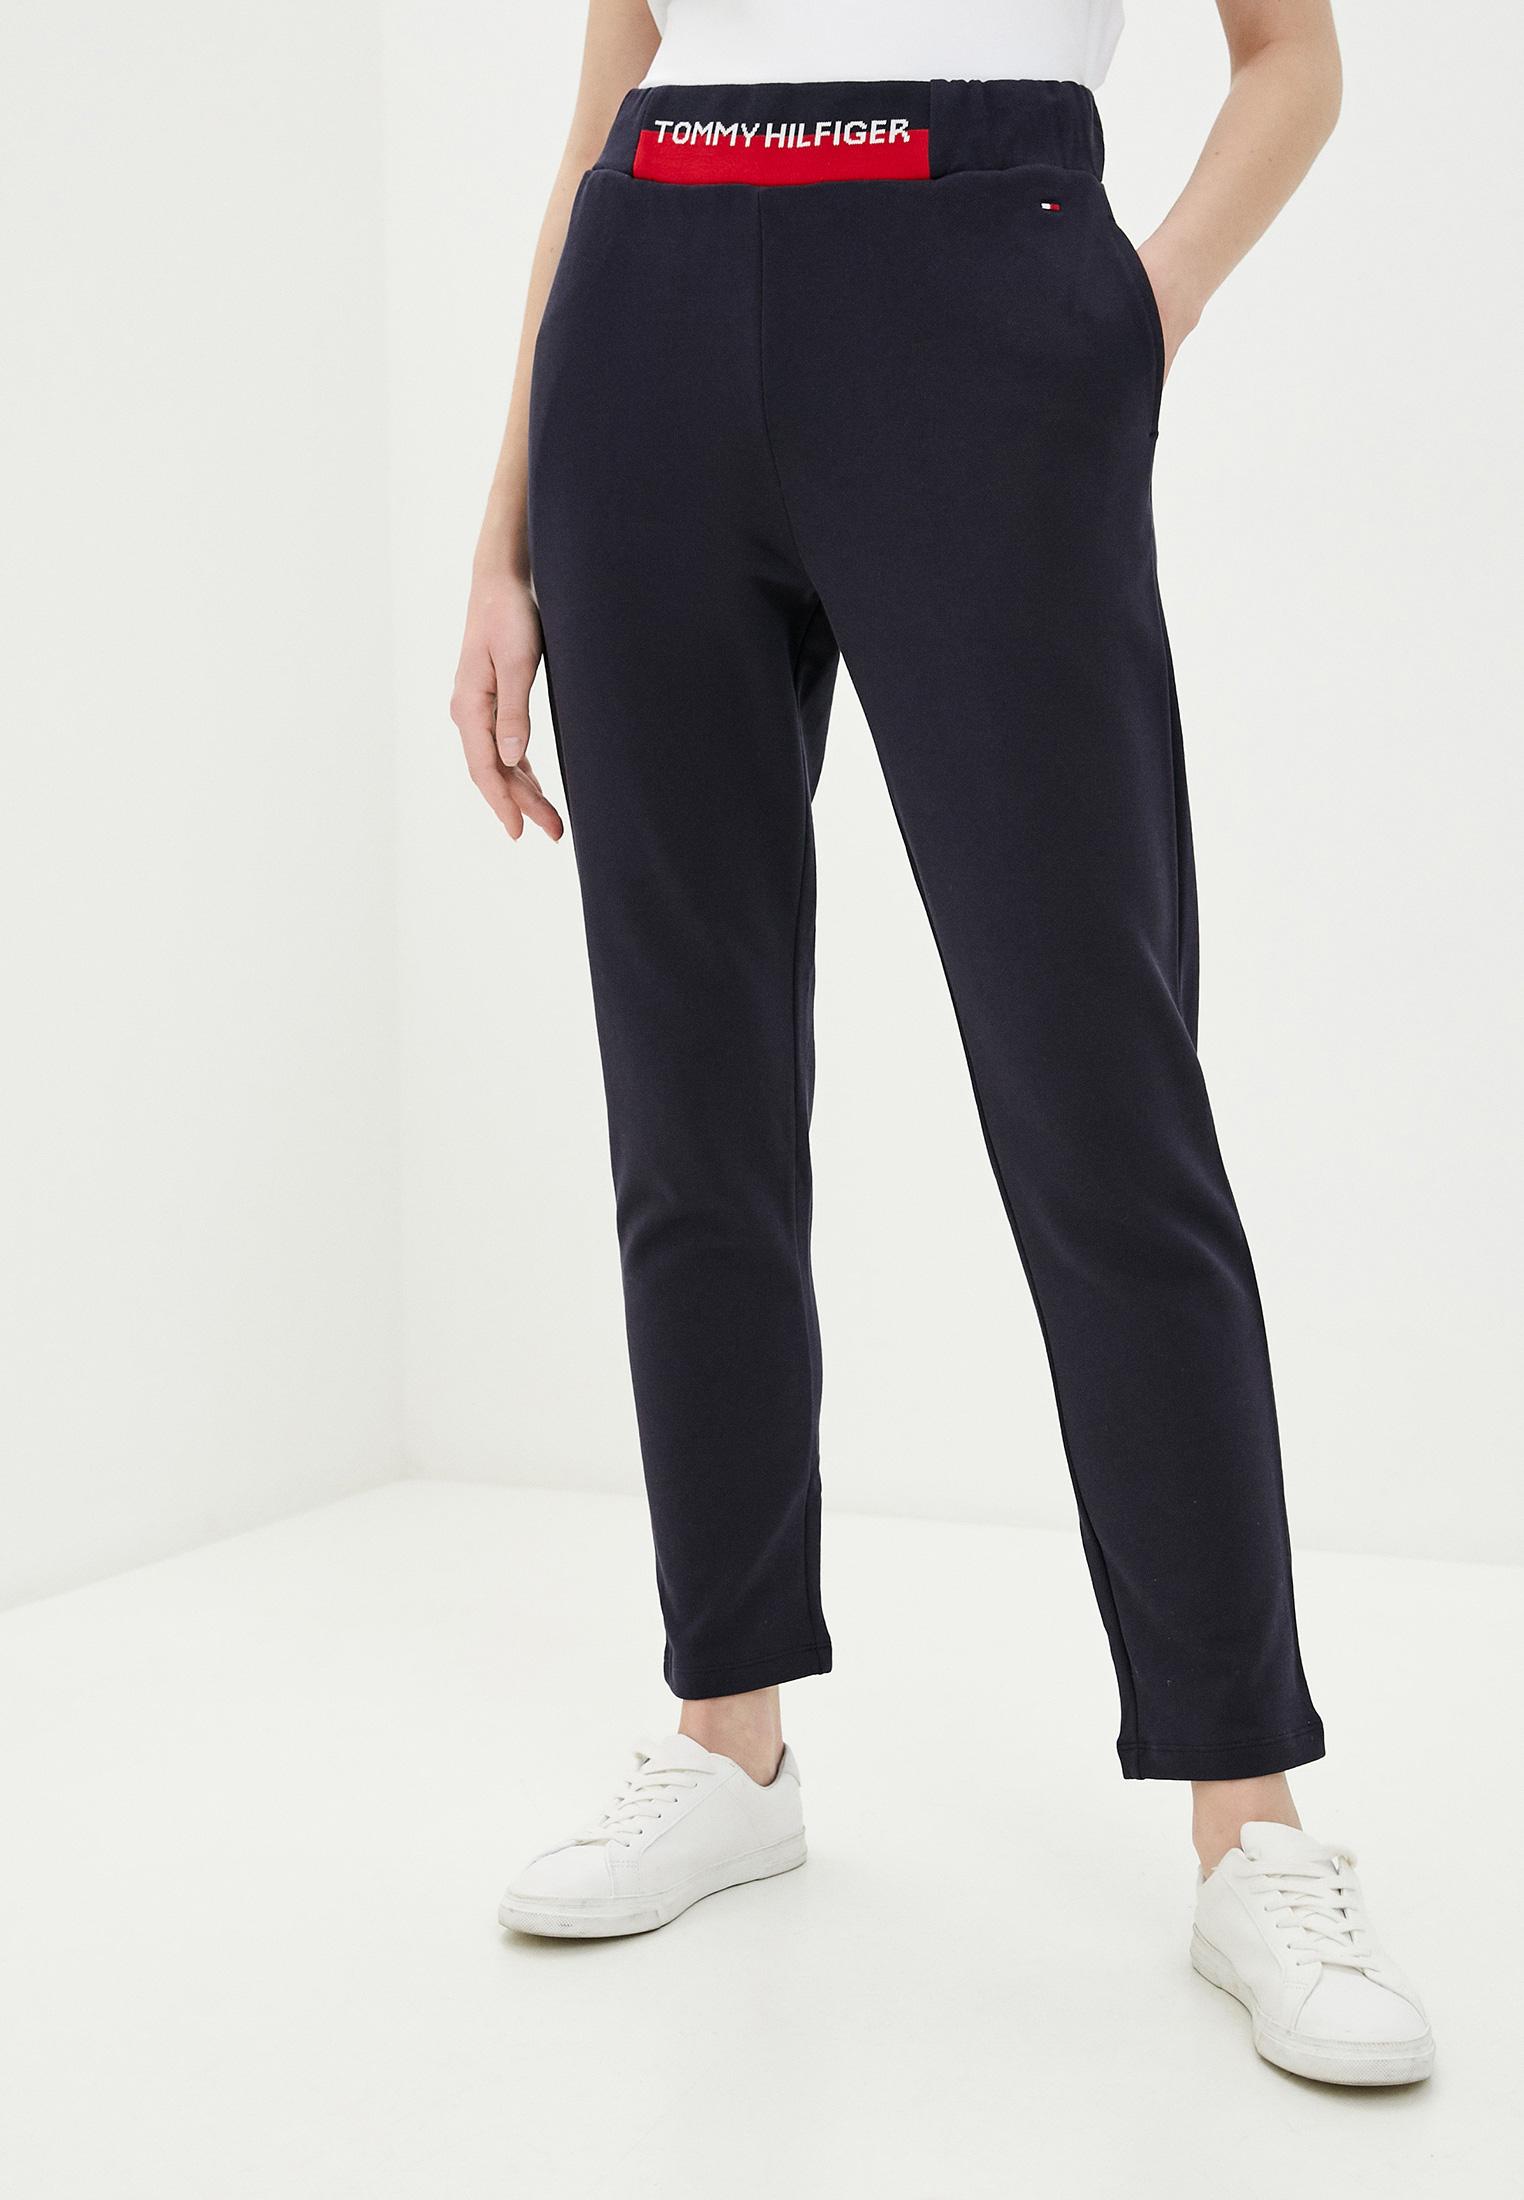 Женские спортивные брюки Tommy Hilfiger (Томми Хилфигер) WW0WW28388